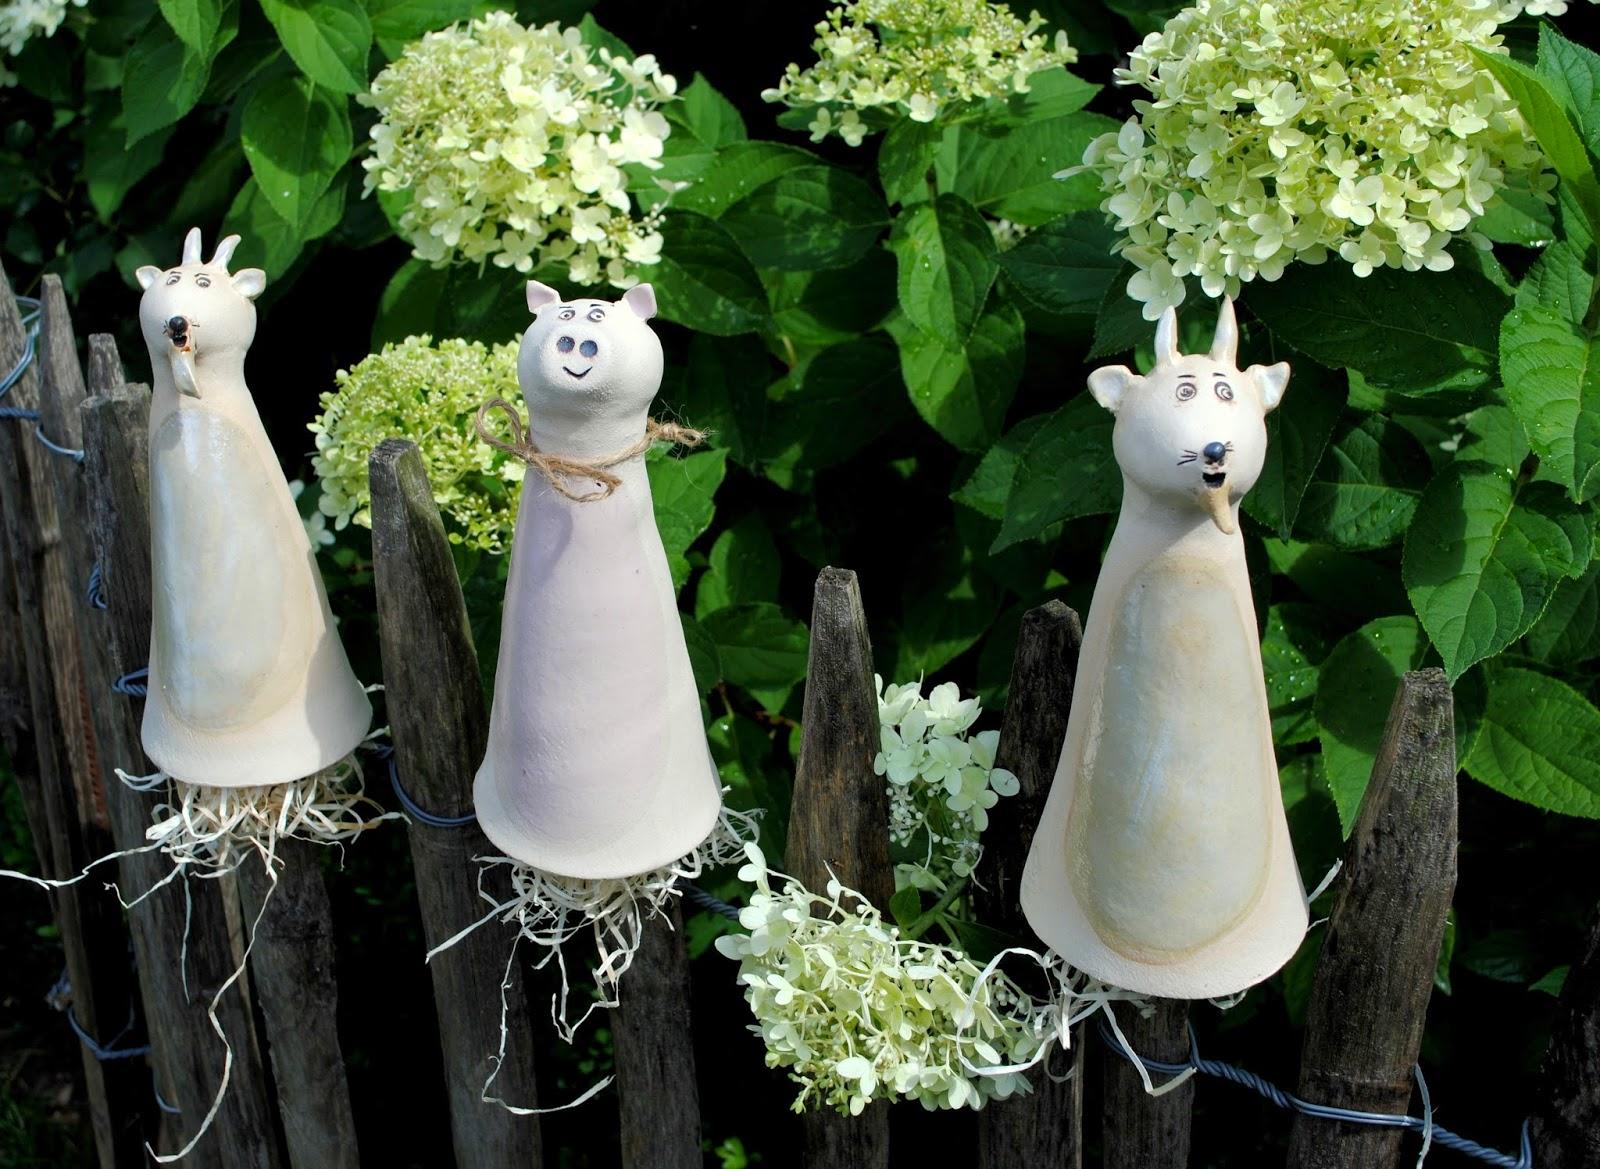 gartendeko selbstgemacht aus ton kunstrasen garten hause und, Garten und bauen